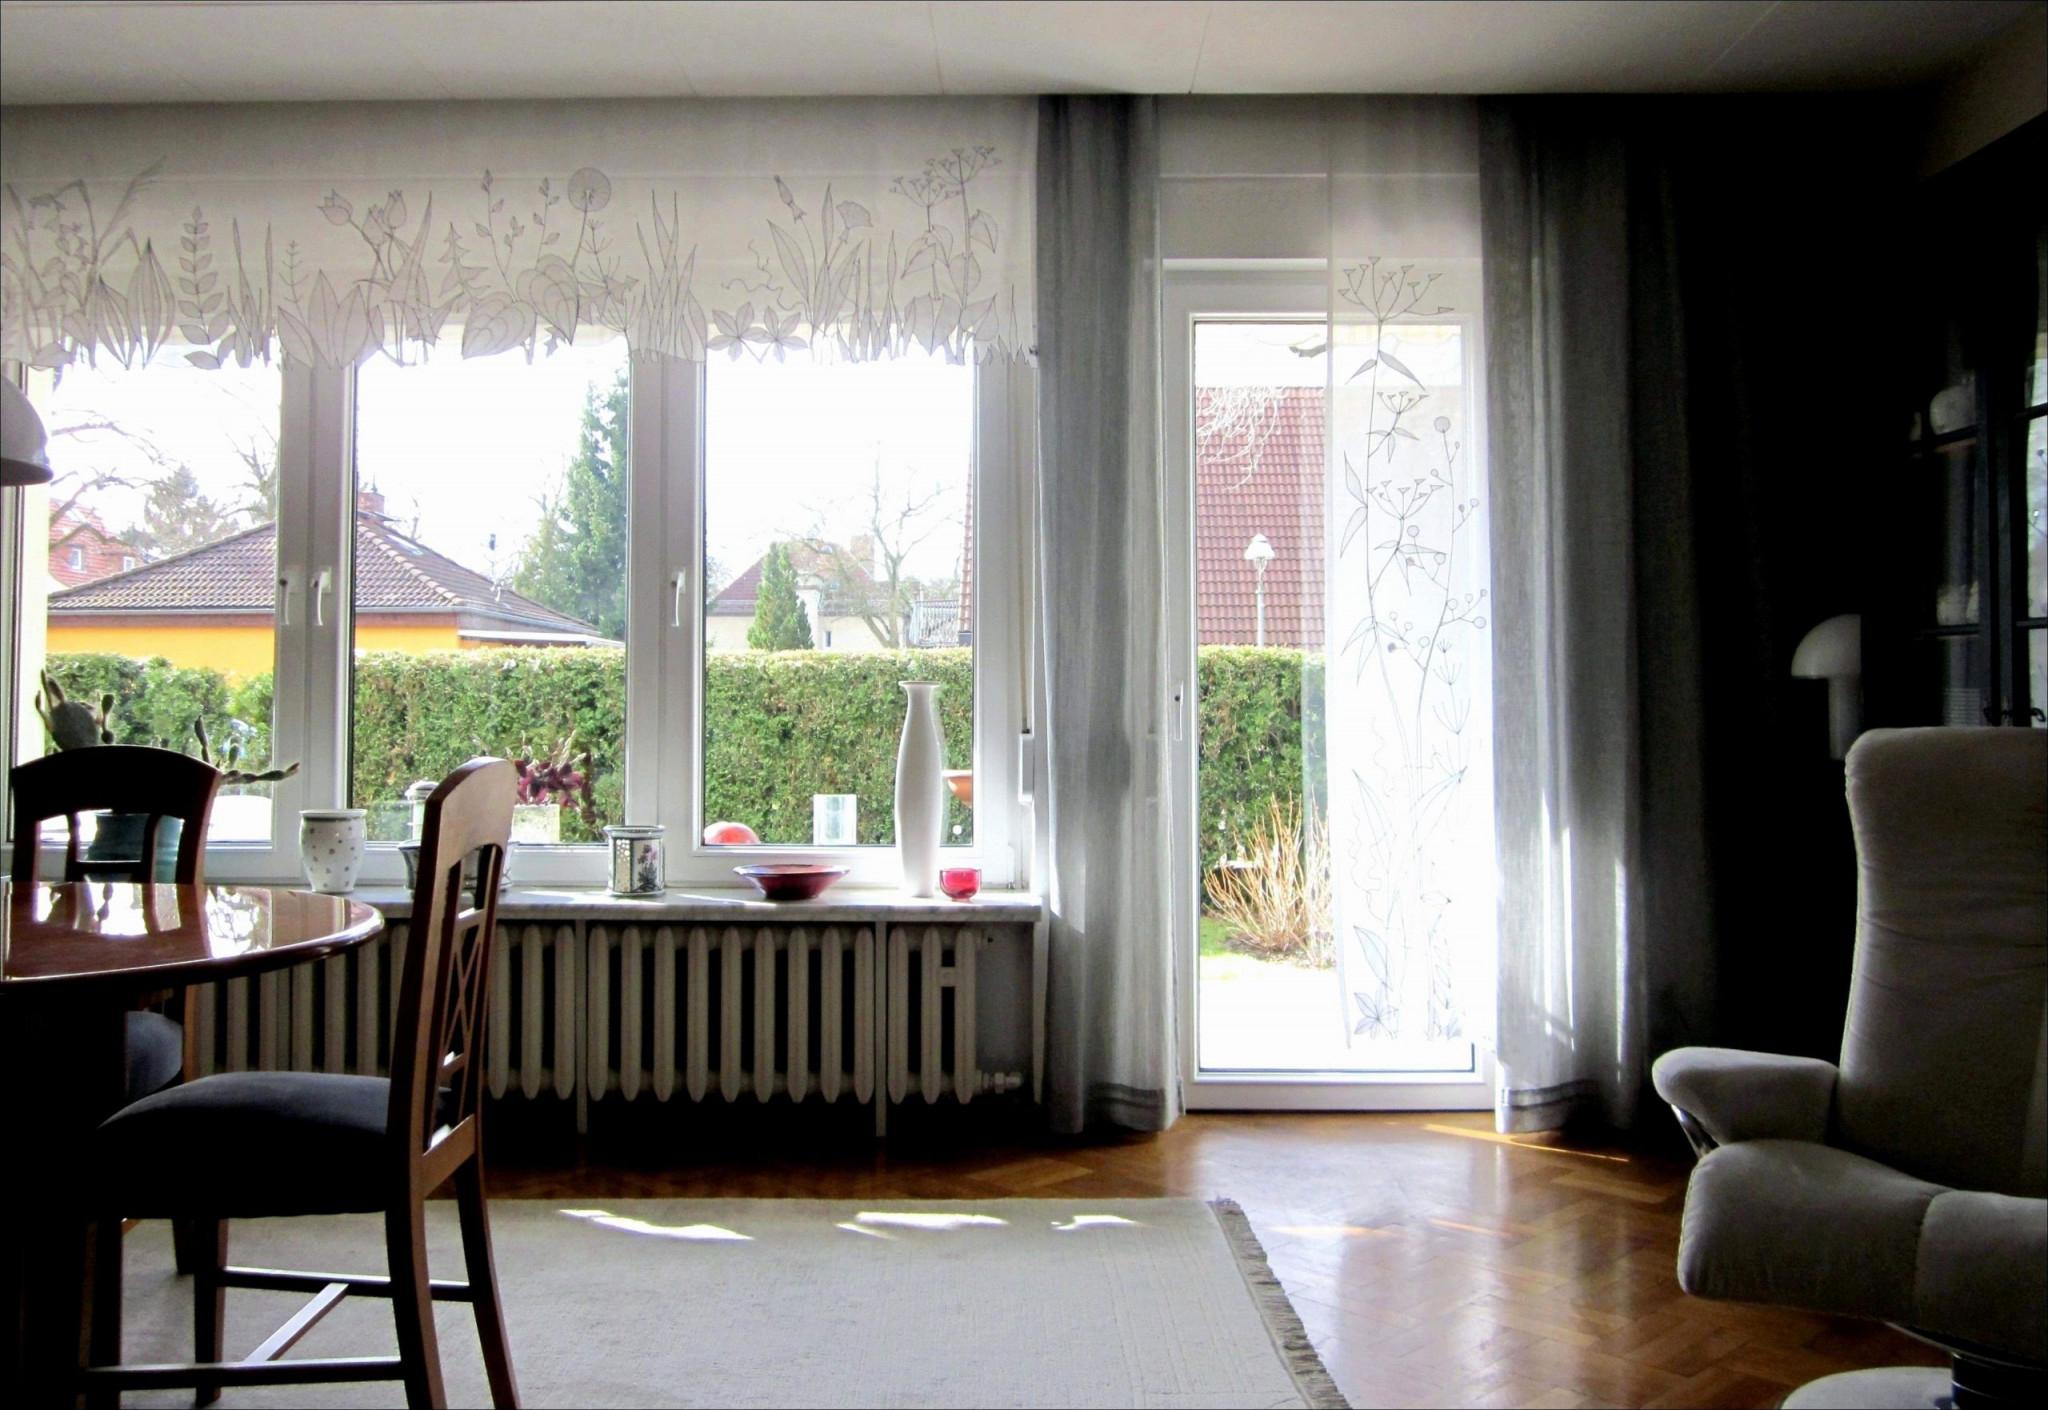 Wohnzimmer Gardinen Kurz Das Beste Von Kurze Gardinen von Gardinen Kurz Wohnzimmer Bild